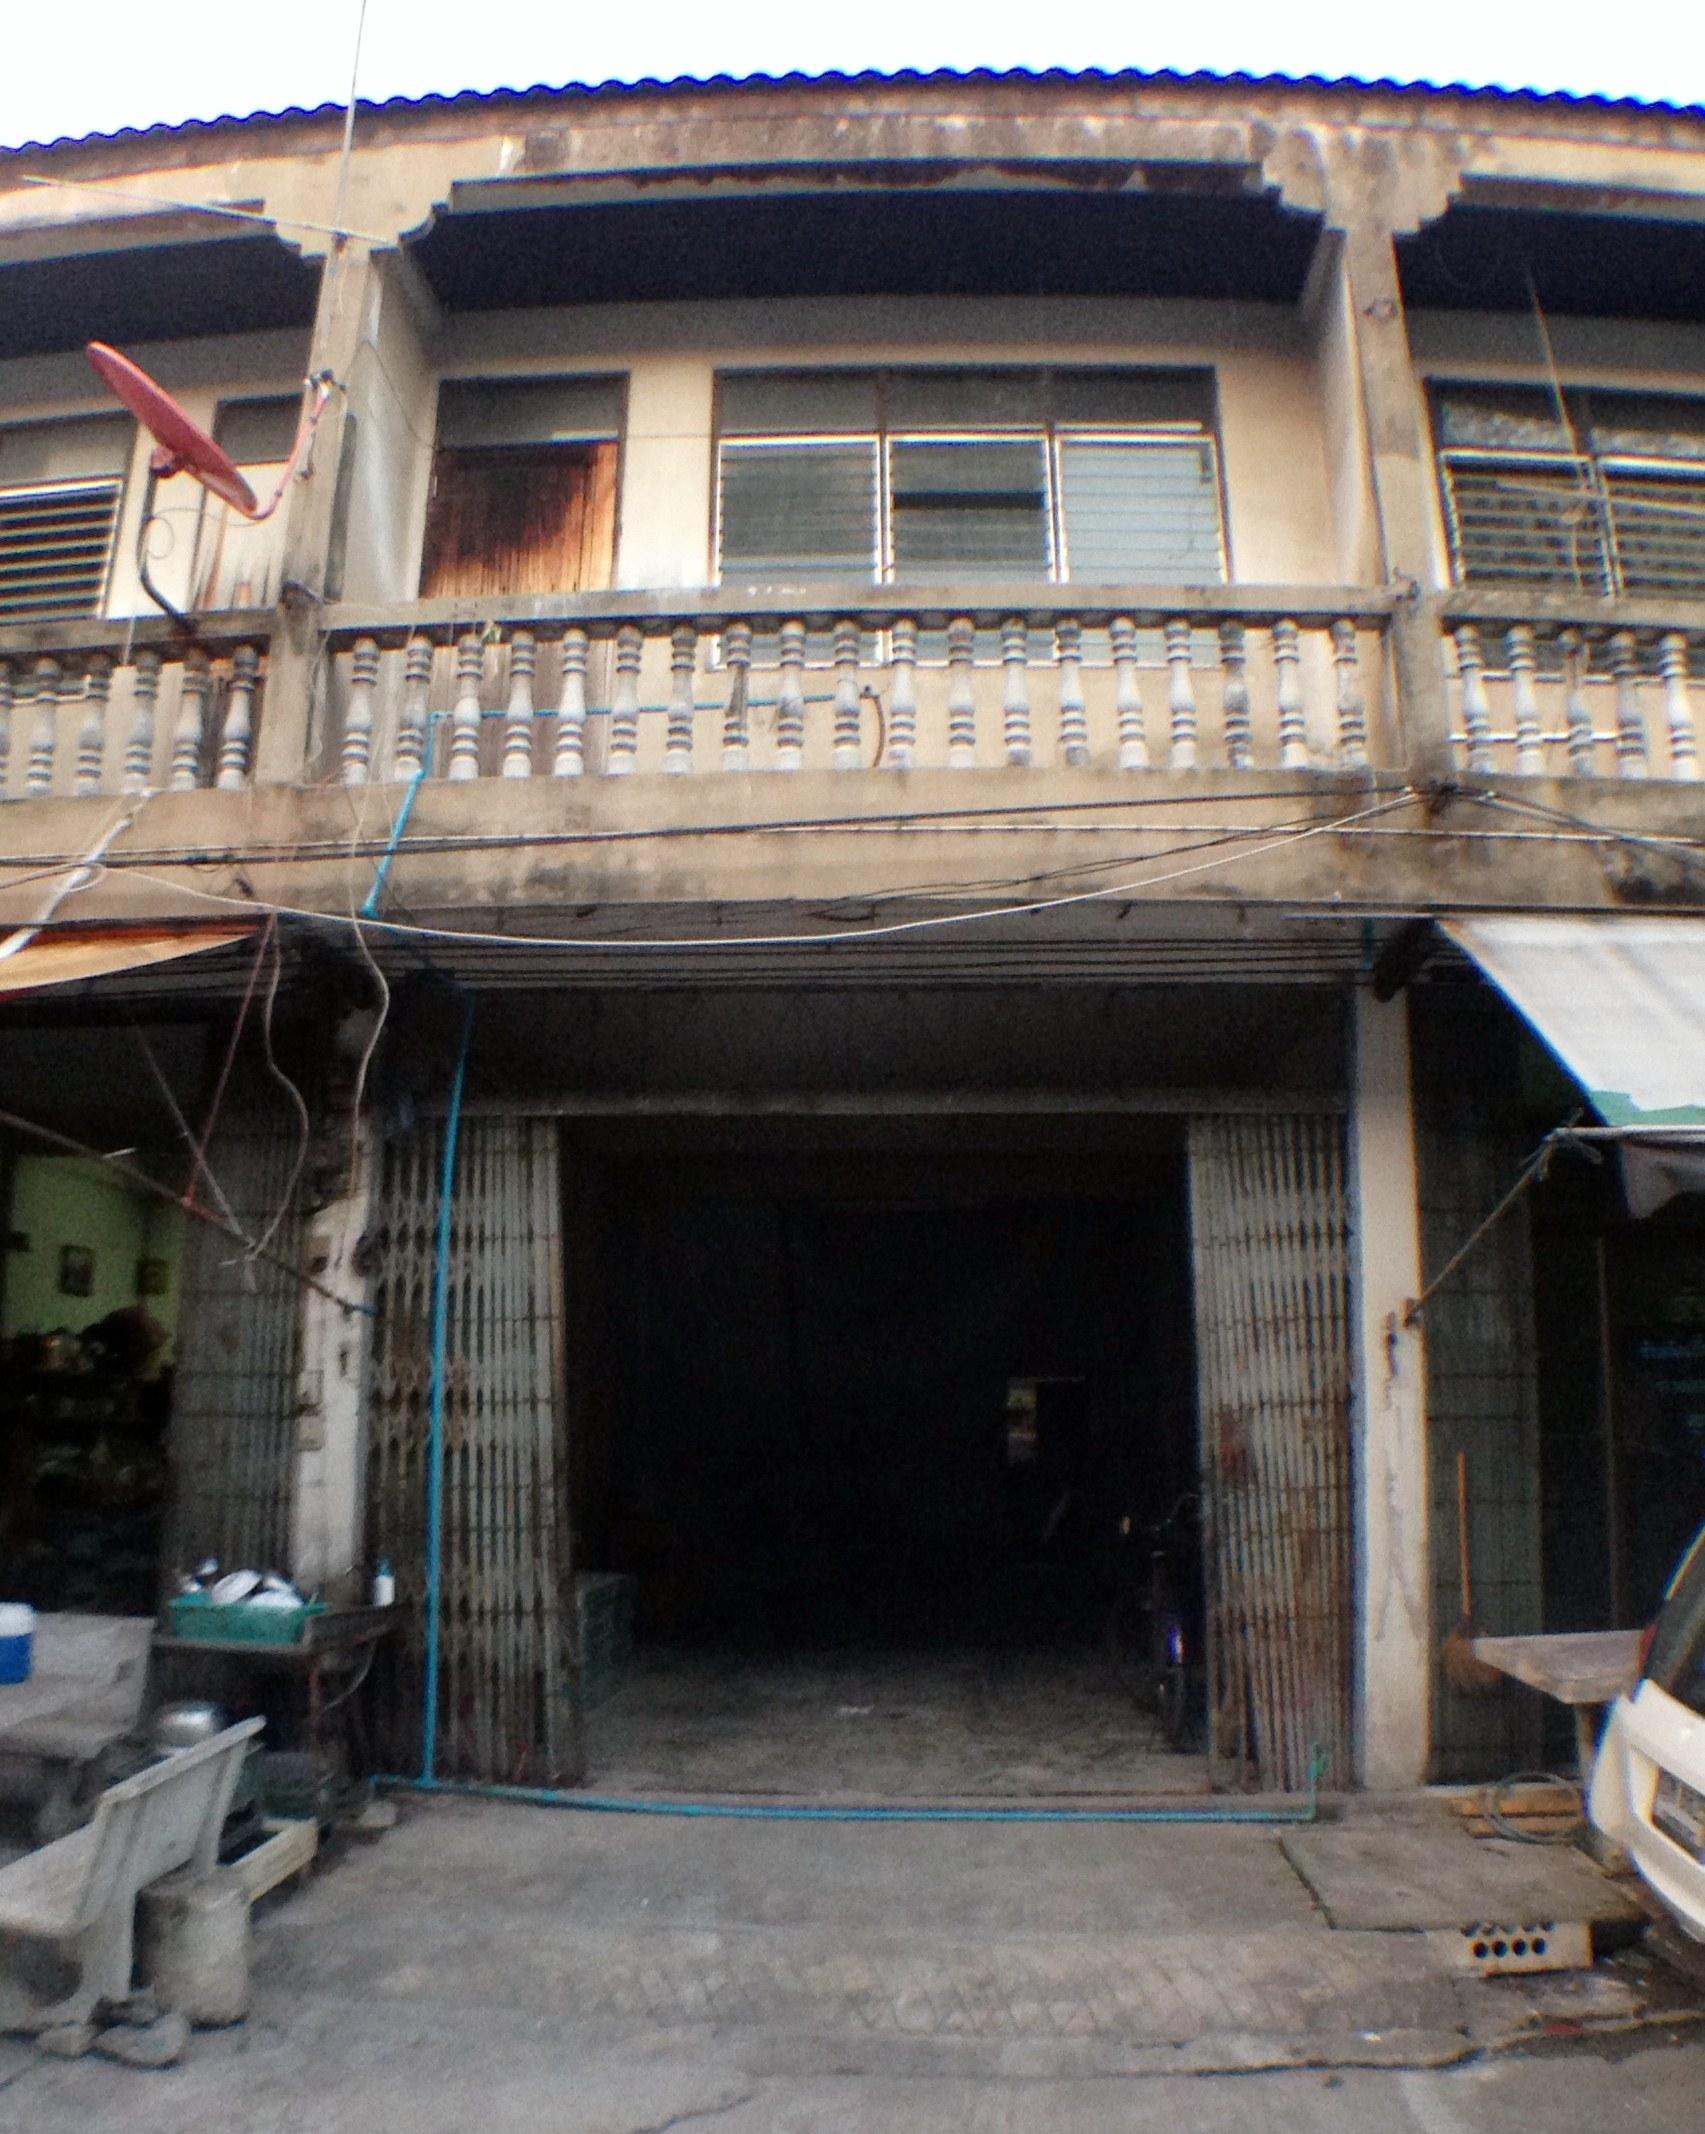 Renovate ตึกแถวเก่าๆ ให้เหมือนใหม่ ในราคาประหยัด